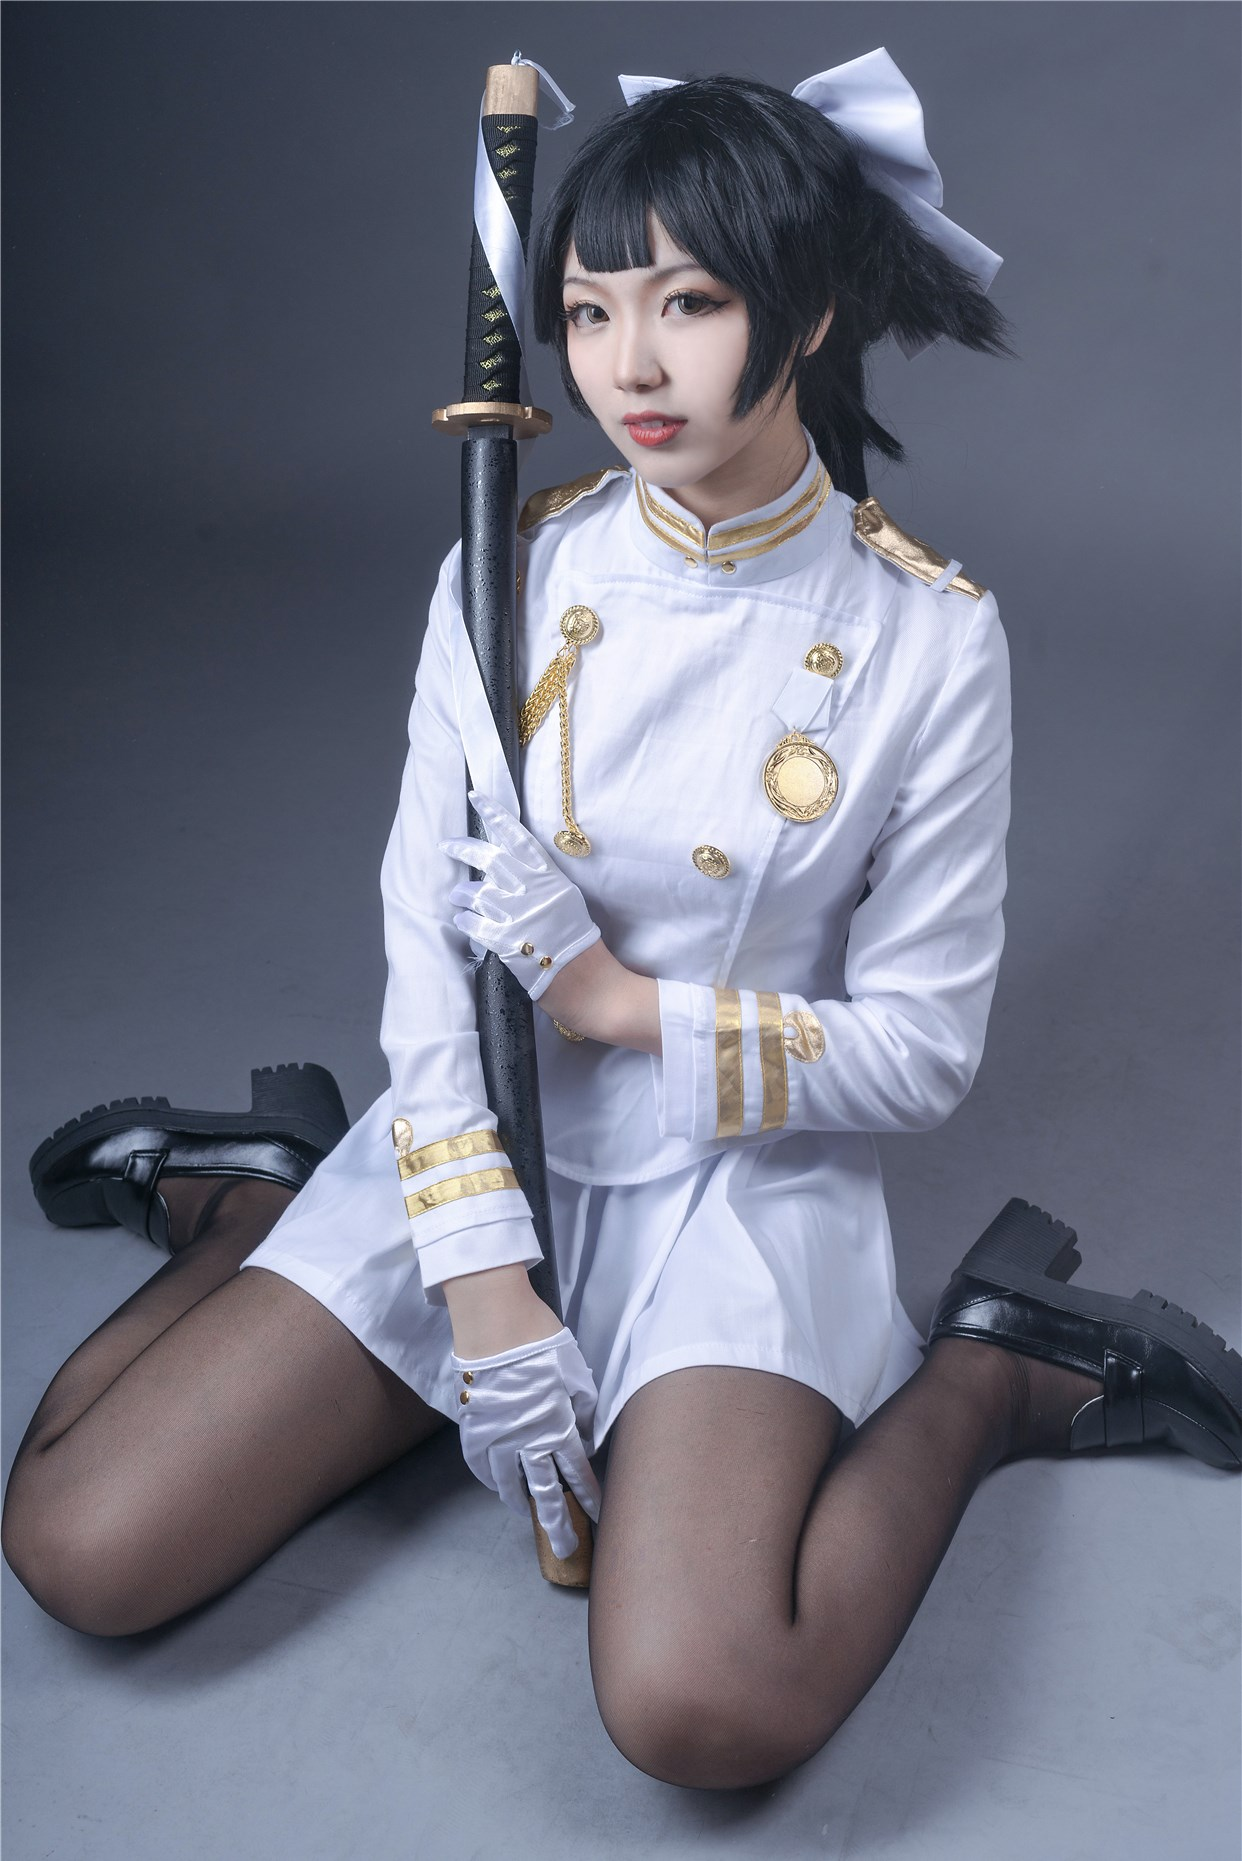 【兔玩映画】碧蓝航线 高雄 獒 兔玩映画 第12张